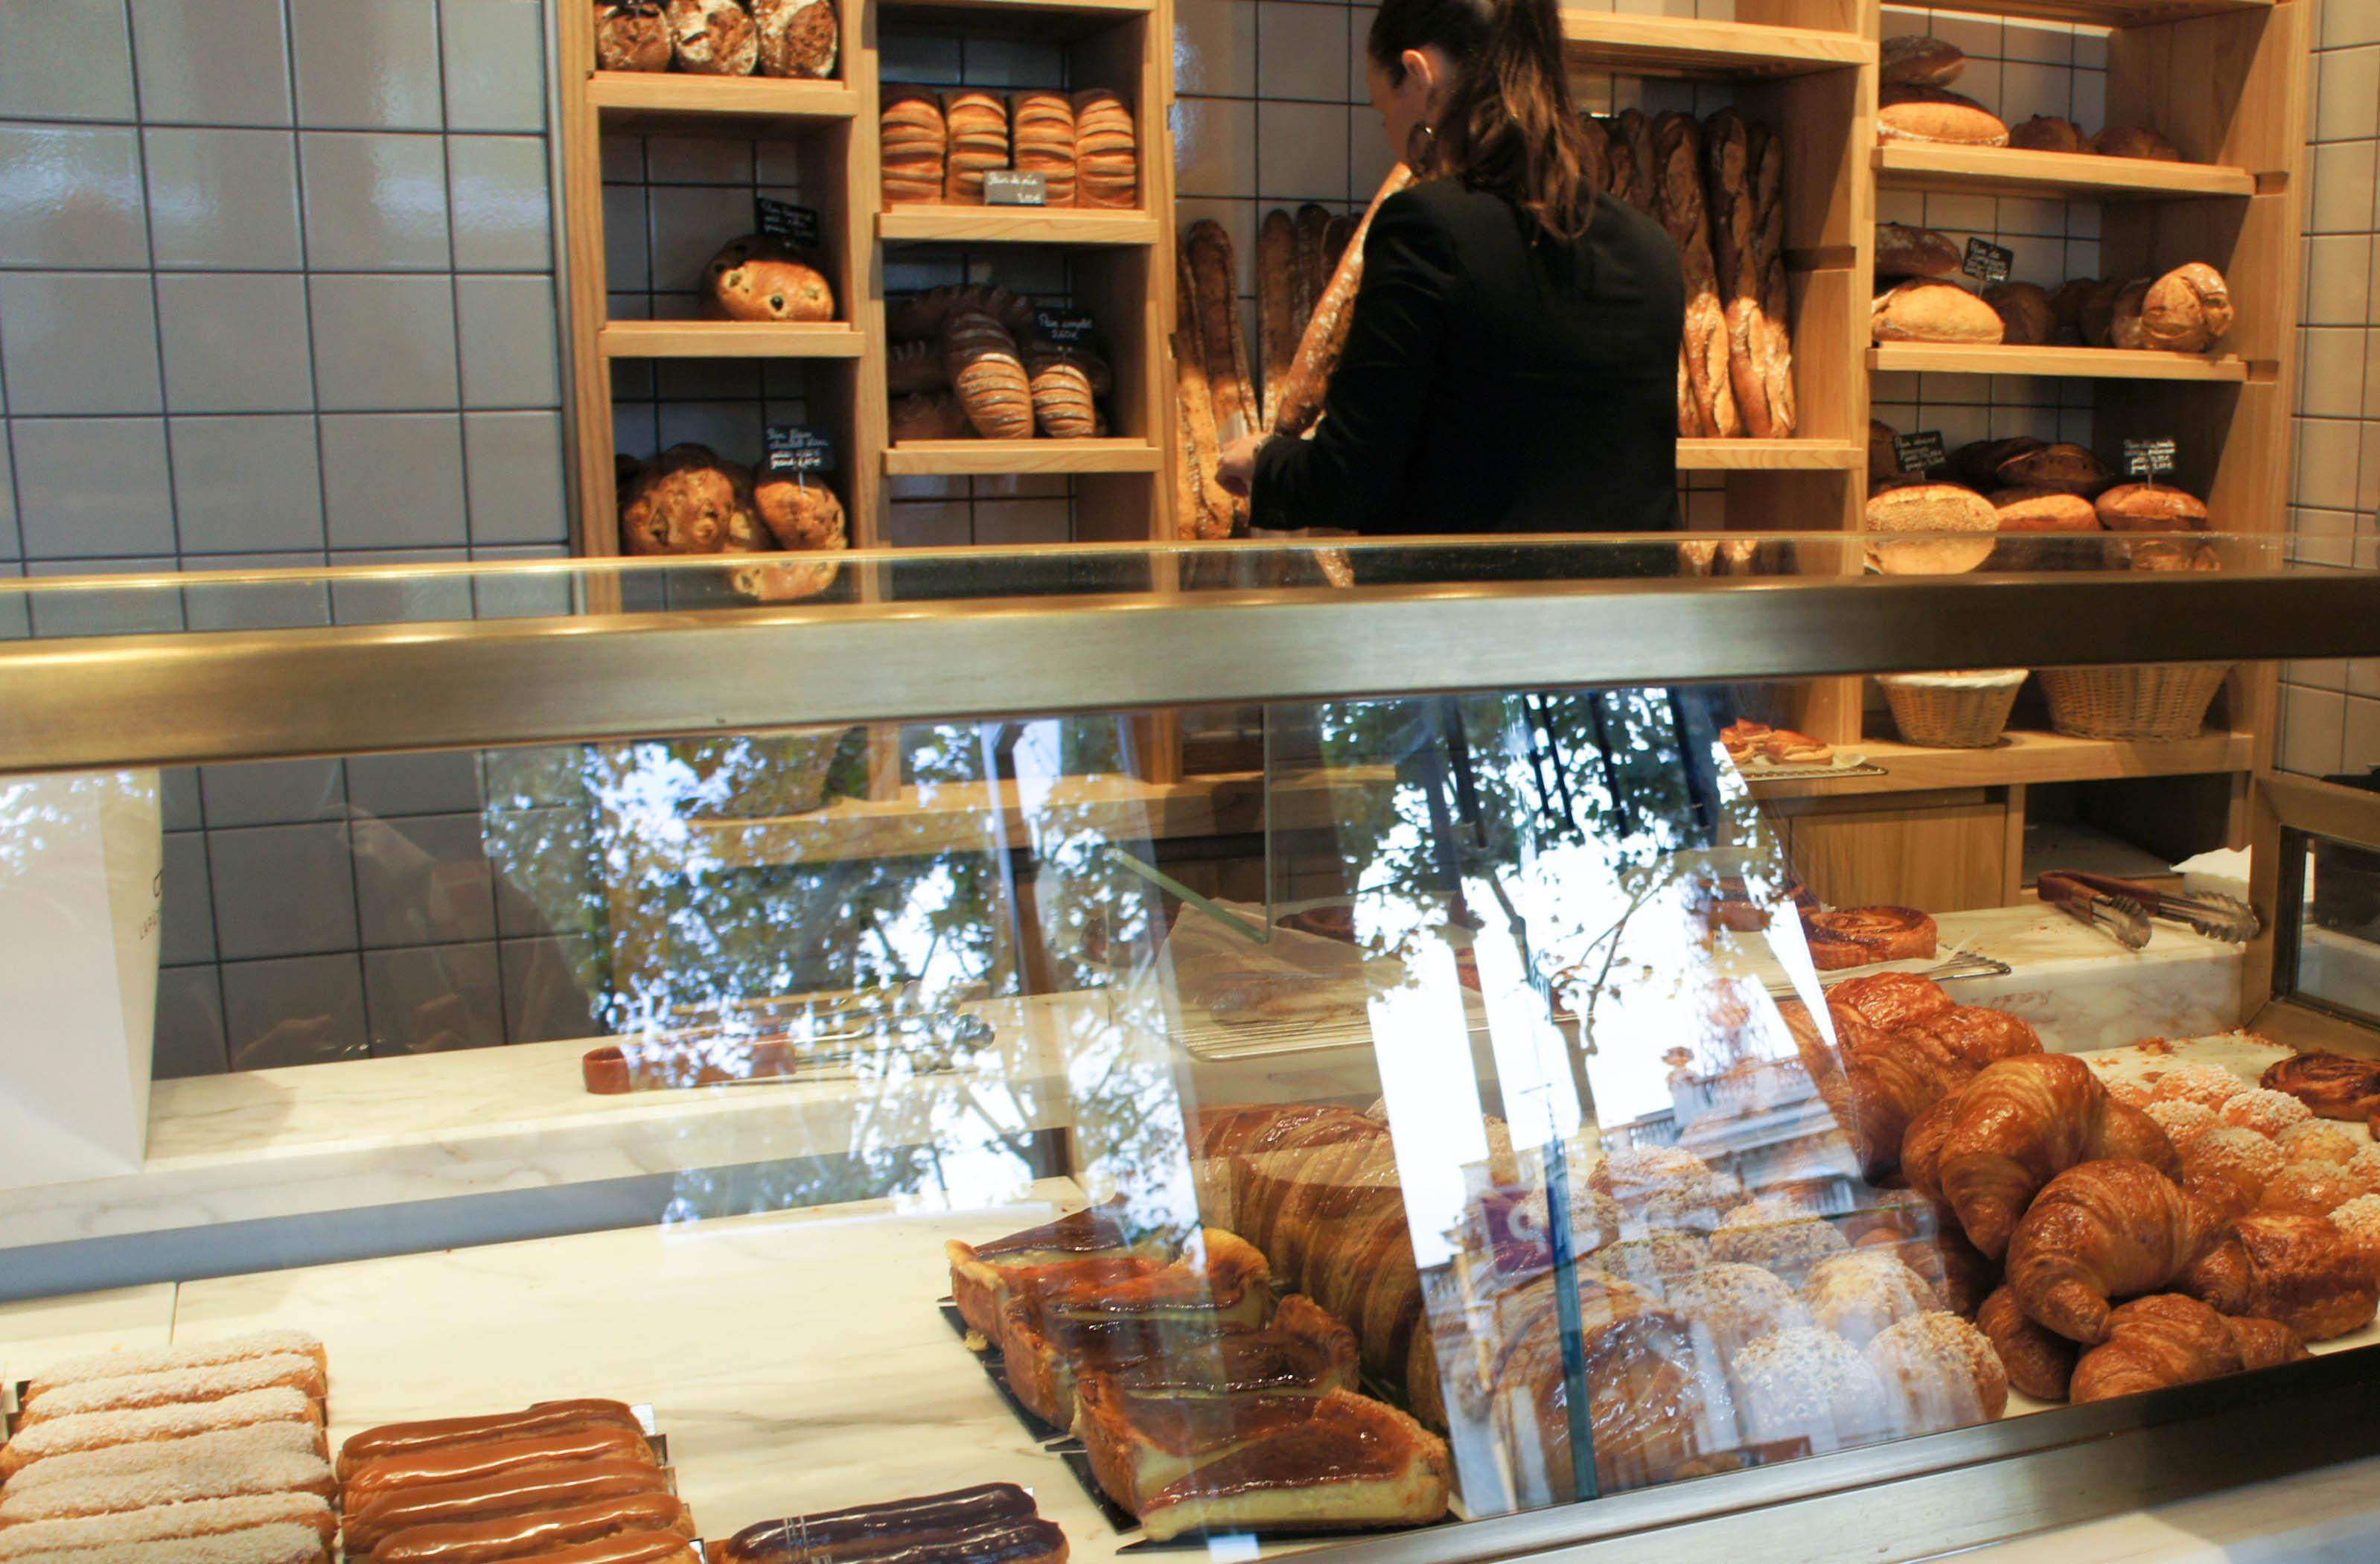 Cyril Lignac A Ouvert Sa Seconde Pâtisserie Dans Le è - Cours de cuisine paris cyril lignac